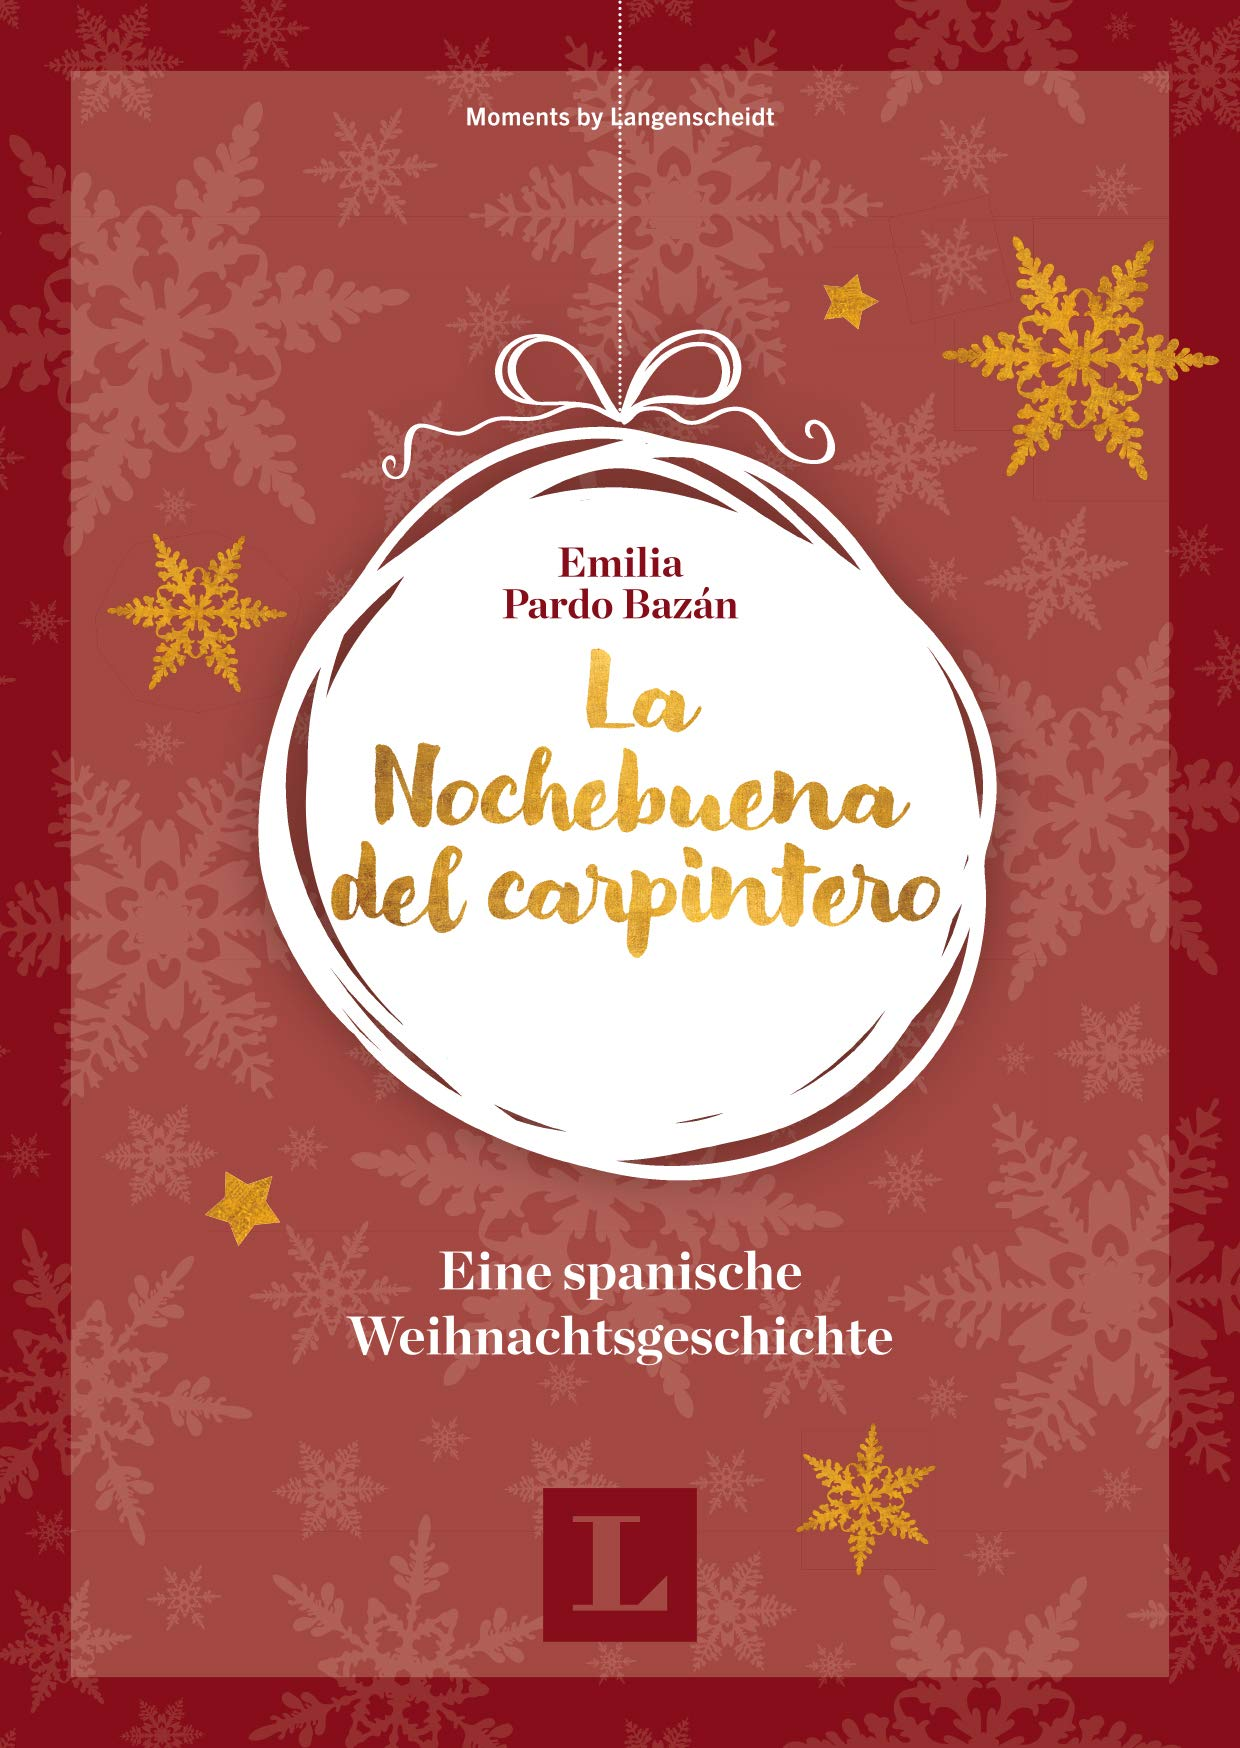 Weihnachtsgrüße Auf Spanisch.La Nochebuena Del Carpintero Eine Spanische Weihnachtsgeschichte